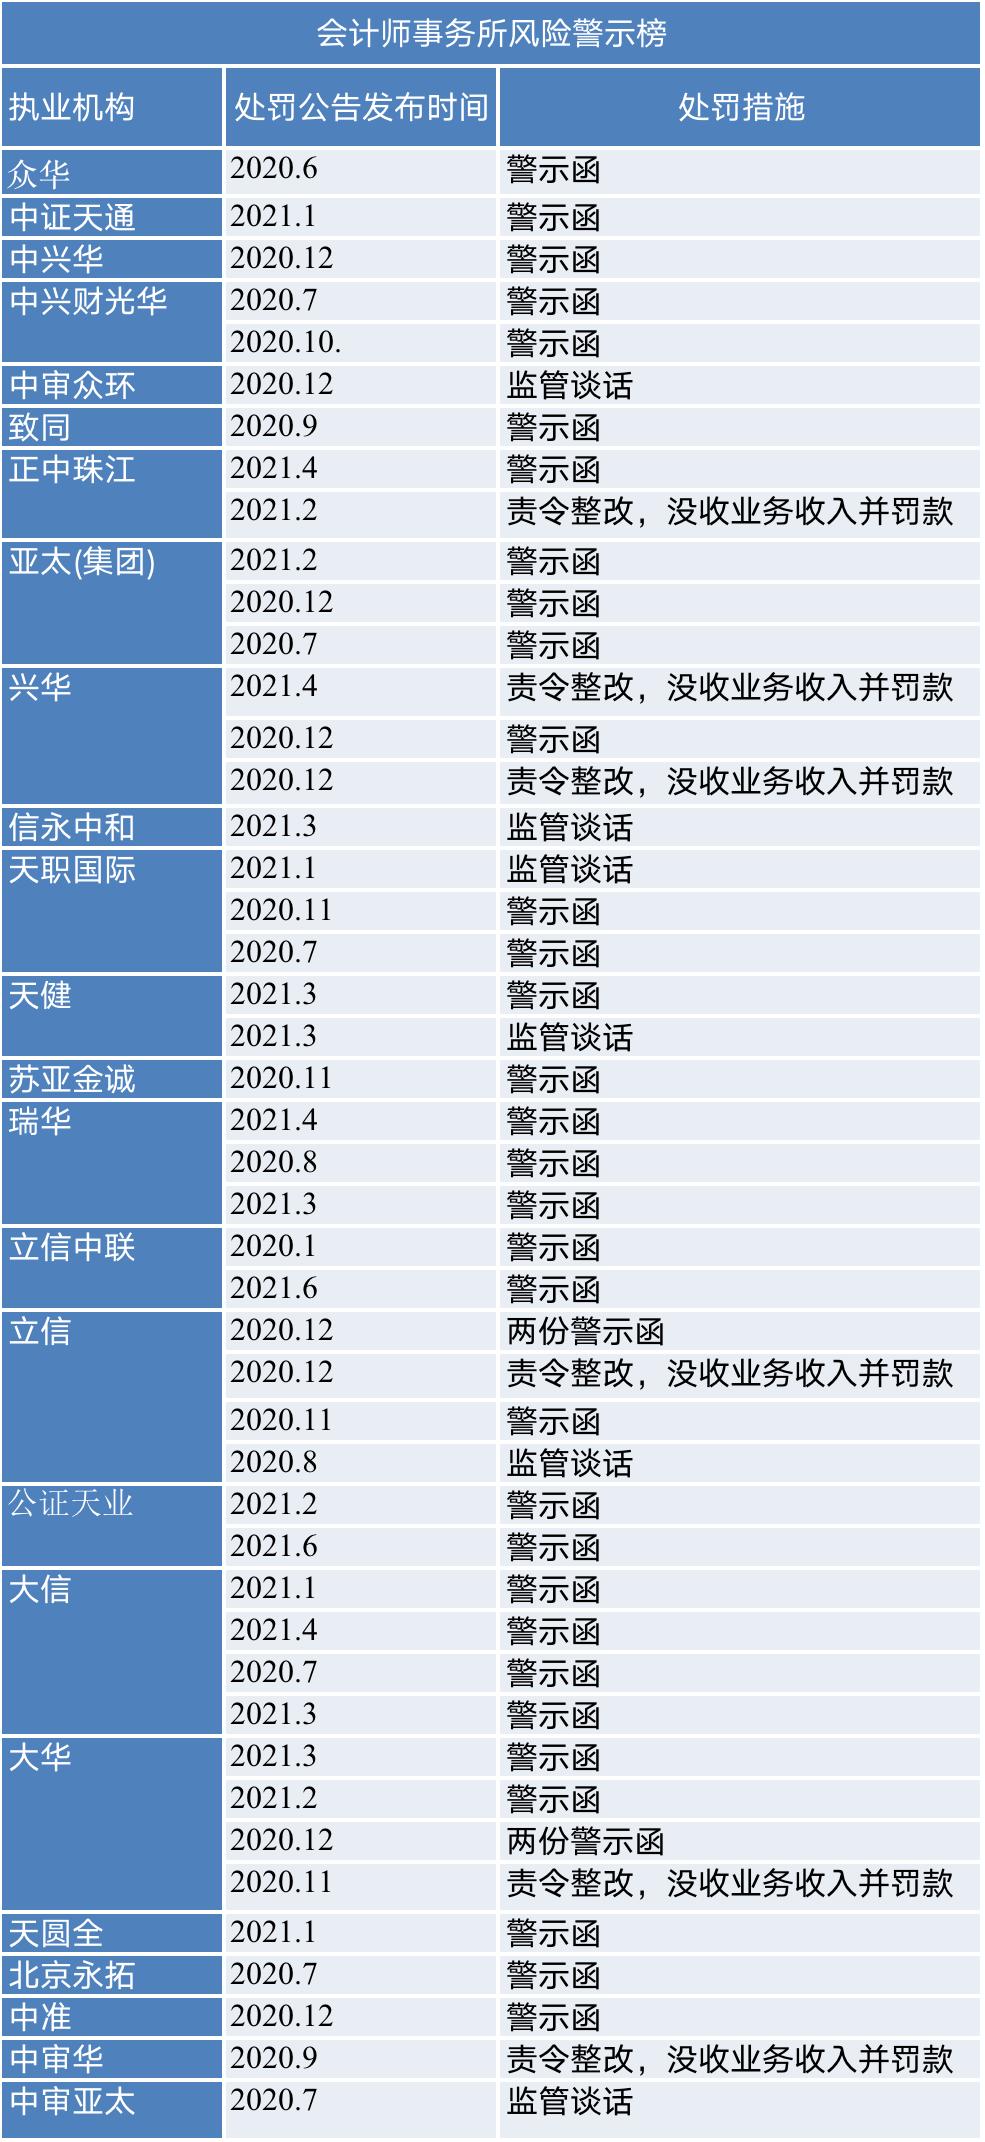 详细榜单参见报告正文